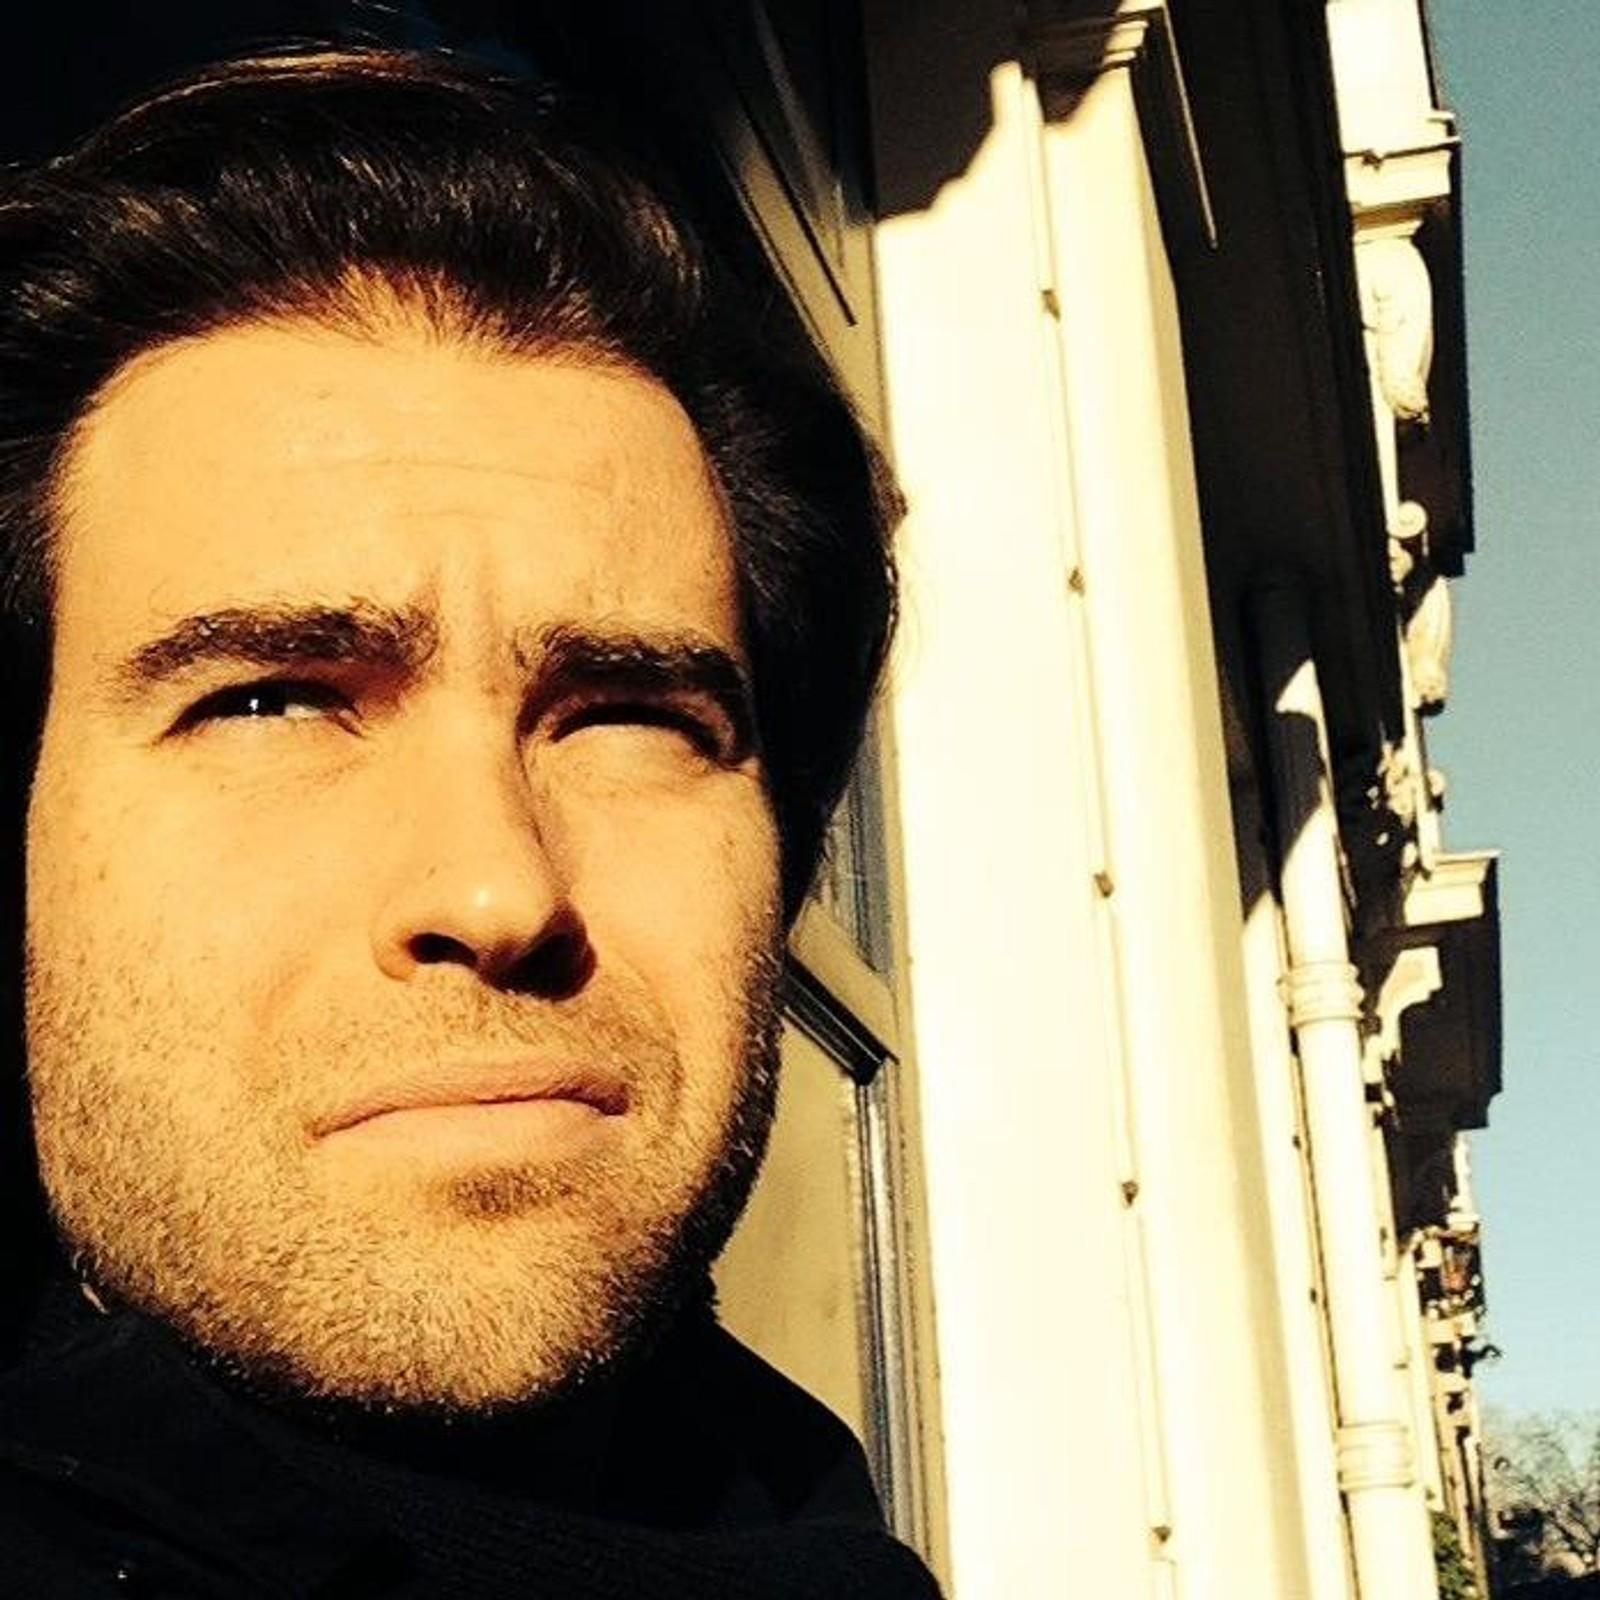 DREPT: Sebastien Proisy (38) blir av venner beskrevet som en raus og intelligent mann. Han hadde både politikkutdannelse fra Science Po. Proisy døde på restauranten Le Carillon.